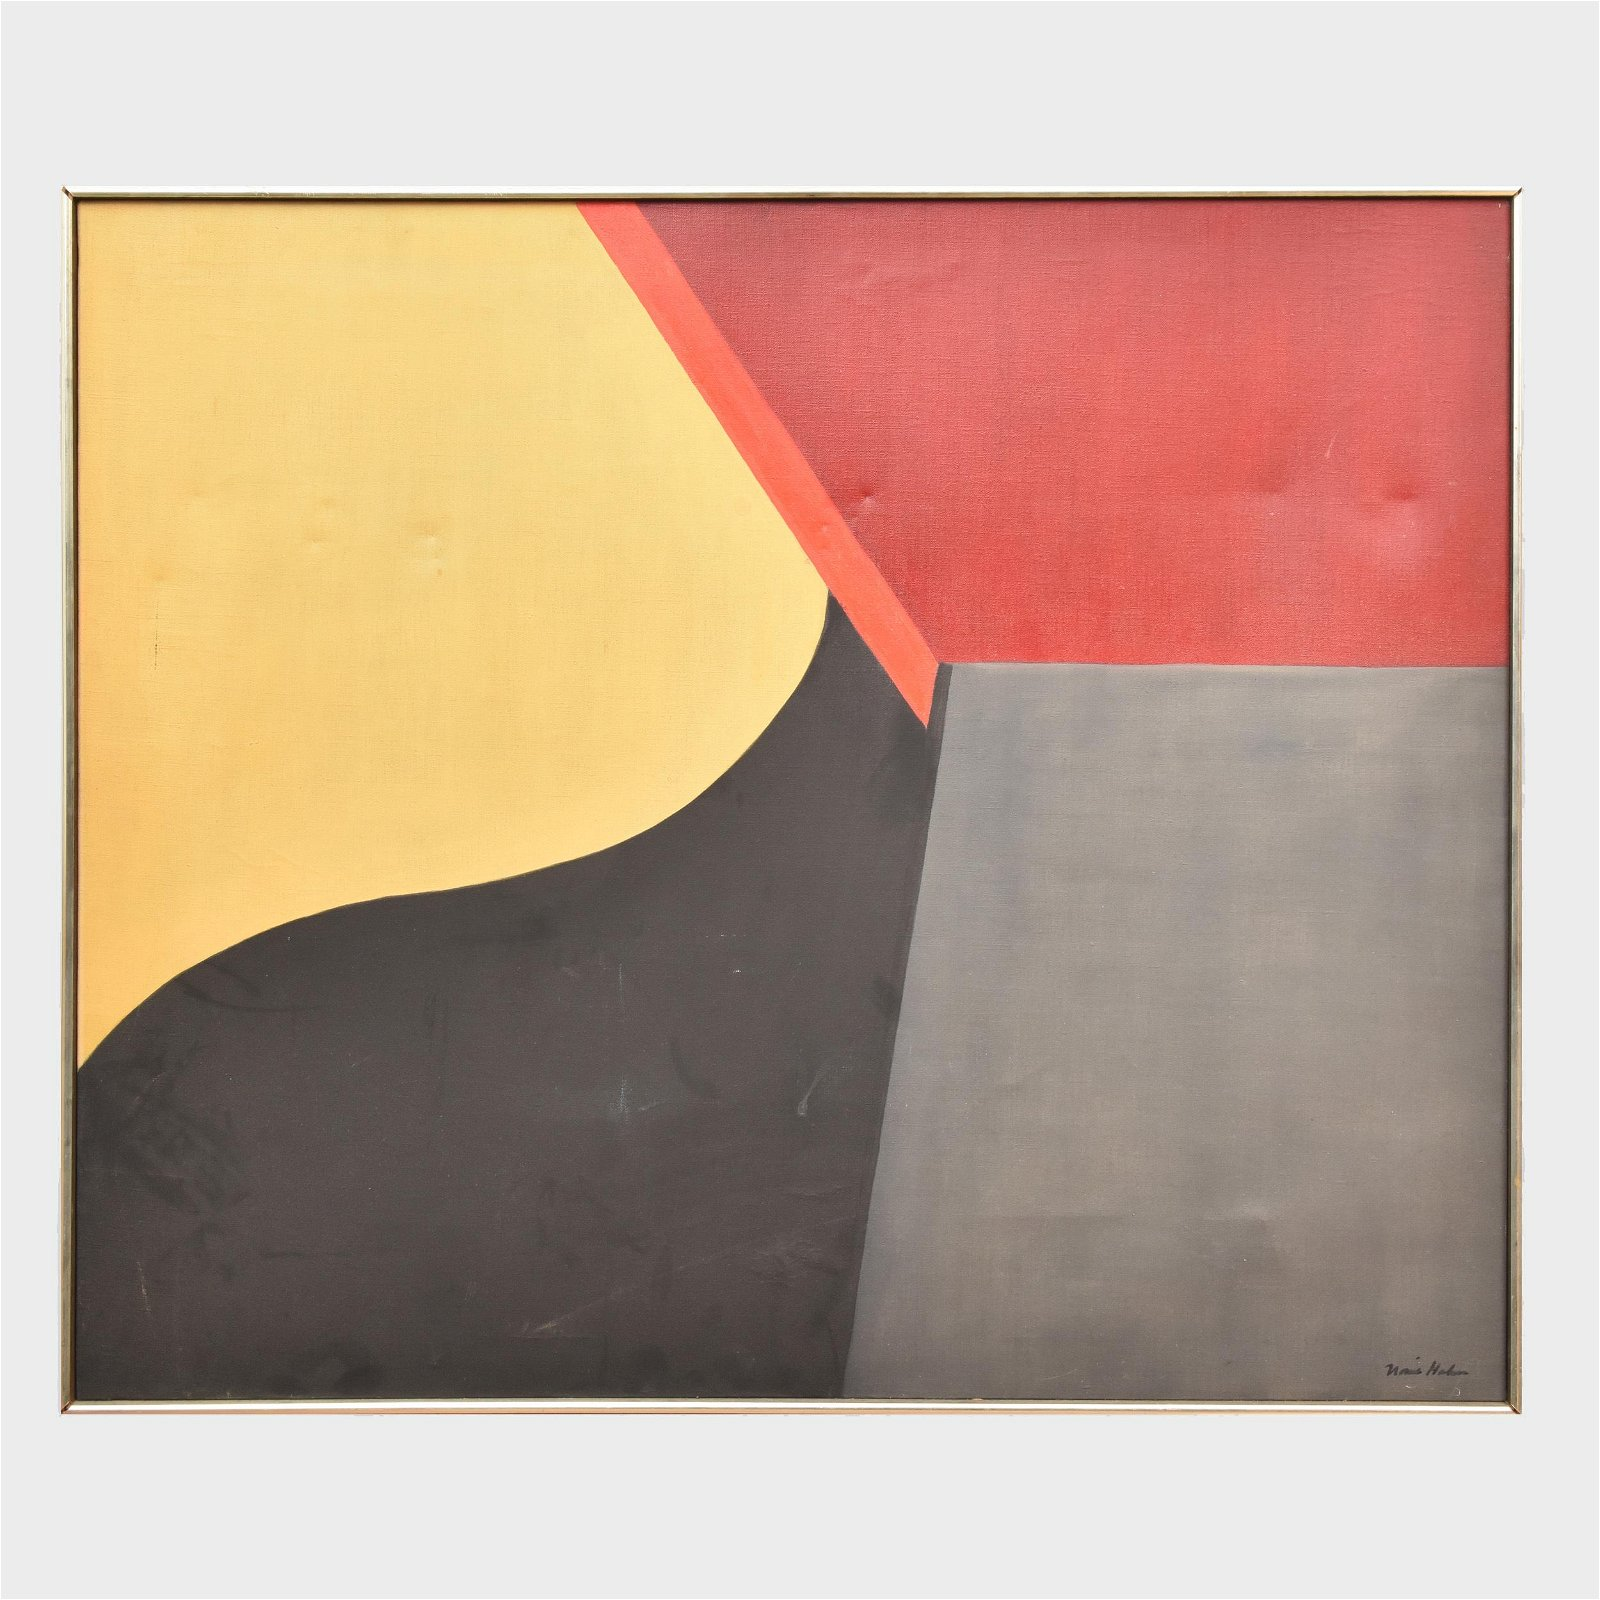 Nanette Hahn: Curtain Rising